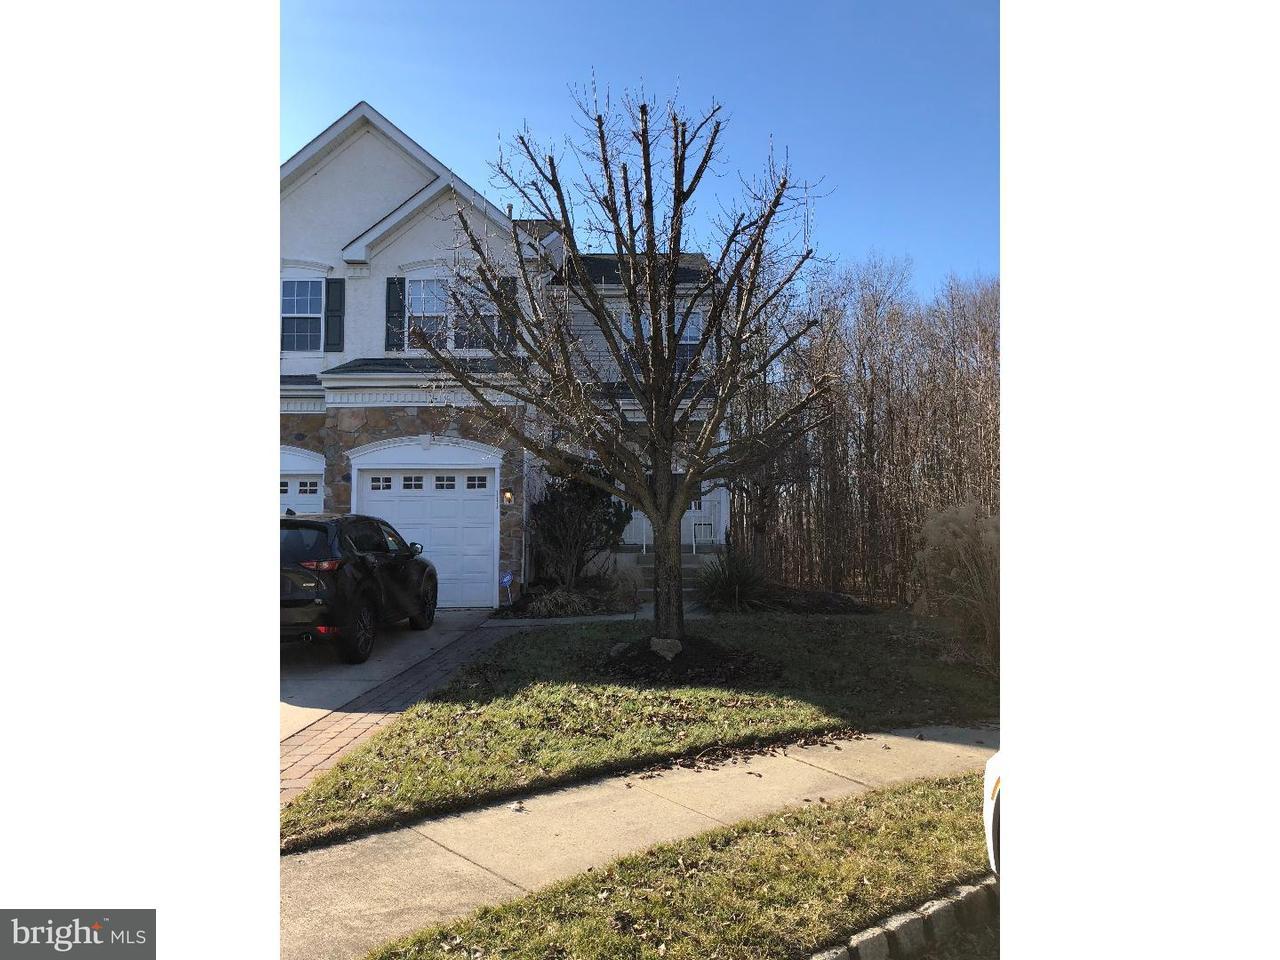 Casa unifamiliar adosada (Townhouse) por un Alquiler en 111 WEAVER Drive Evesham Twp, Nueva Jersey 08053 Estados Unidos